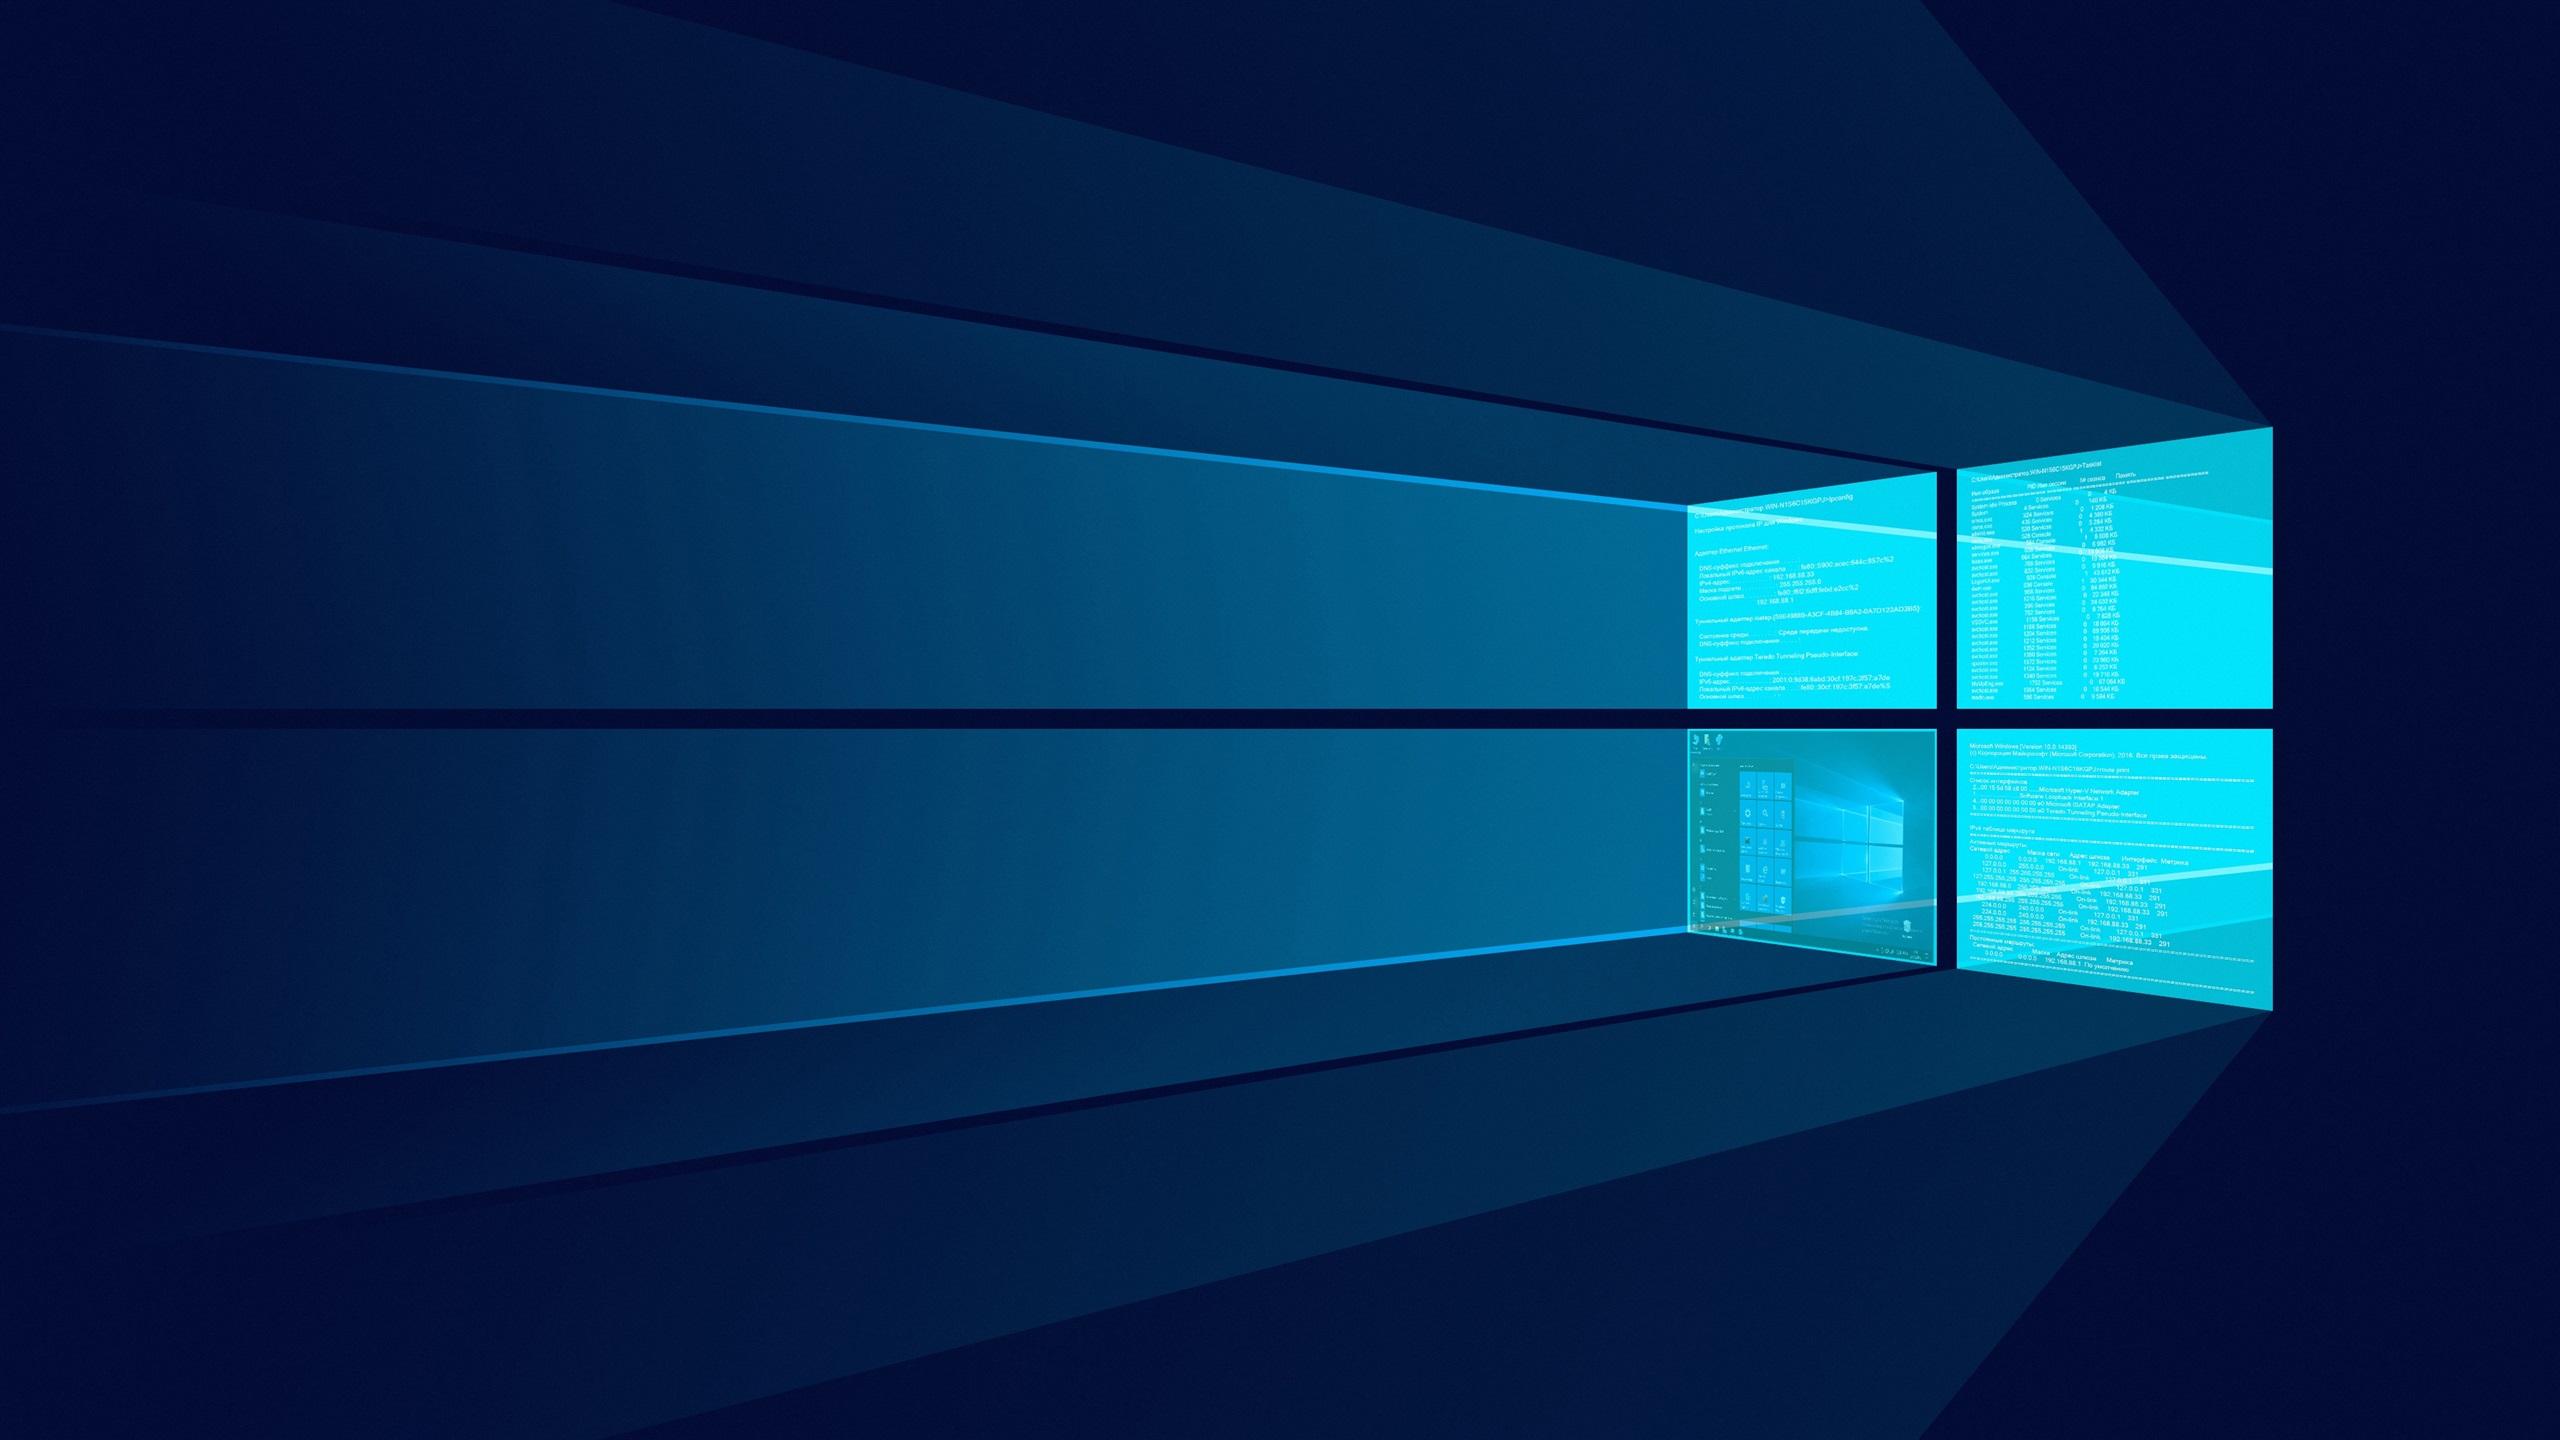 Fonds Décran Windows 10 écran Créatif 3840x2160 Uhd 4k Image